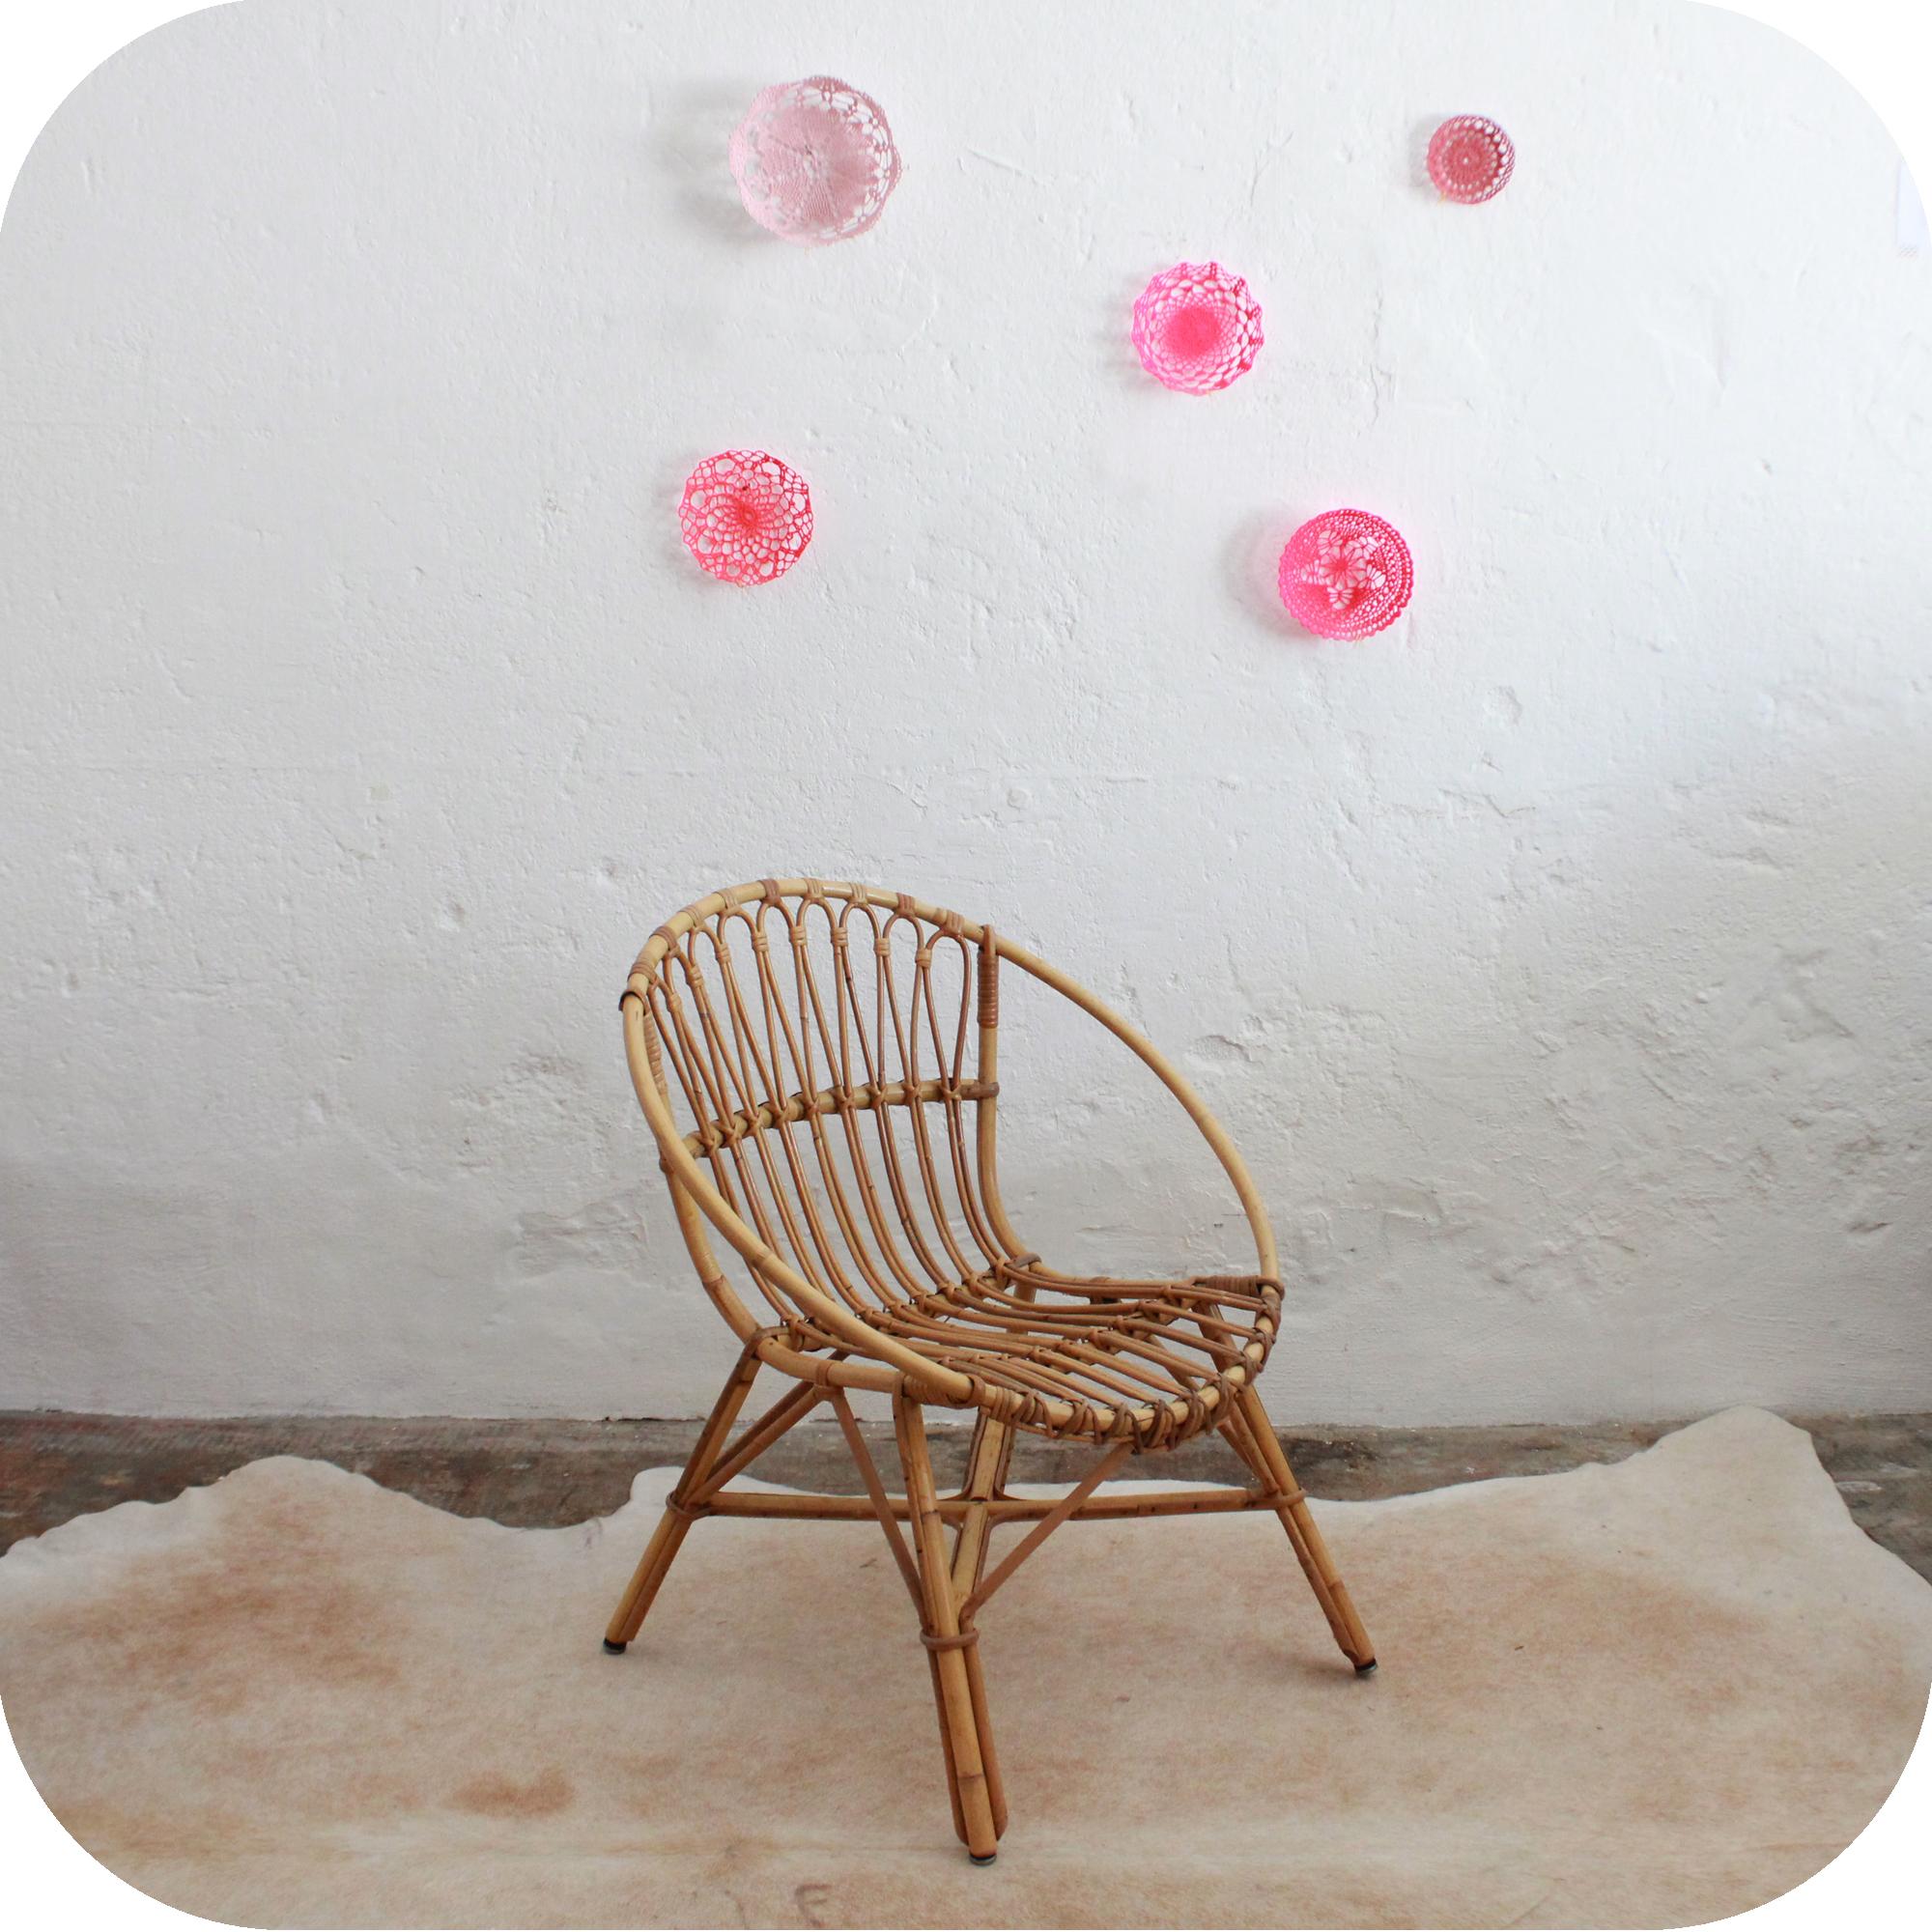 D531 mobilier vintage fauteuil rotin retro b atelier du for Mobilier retro